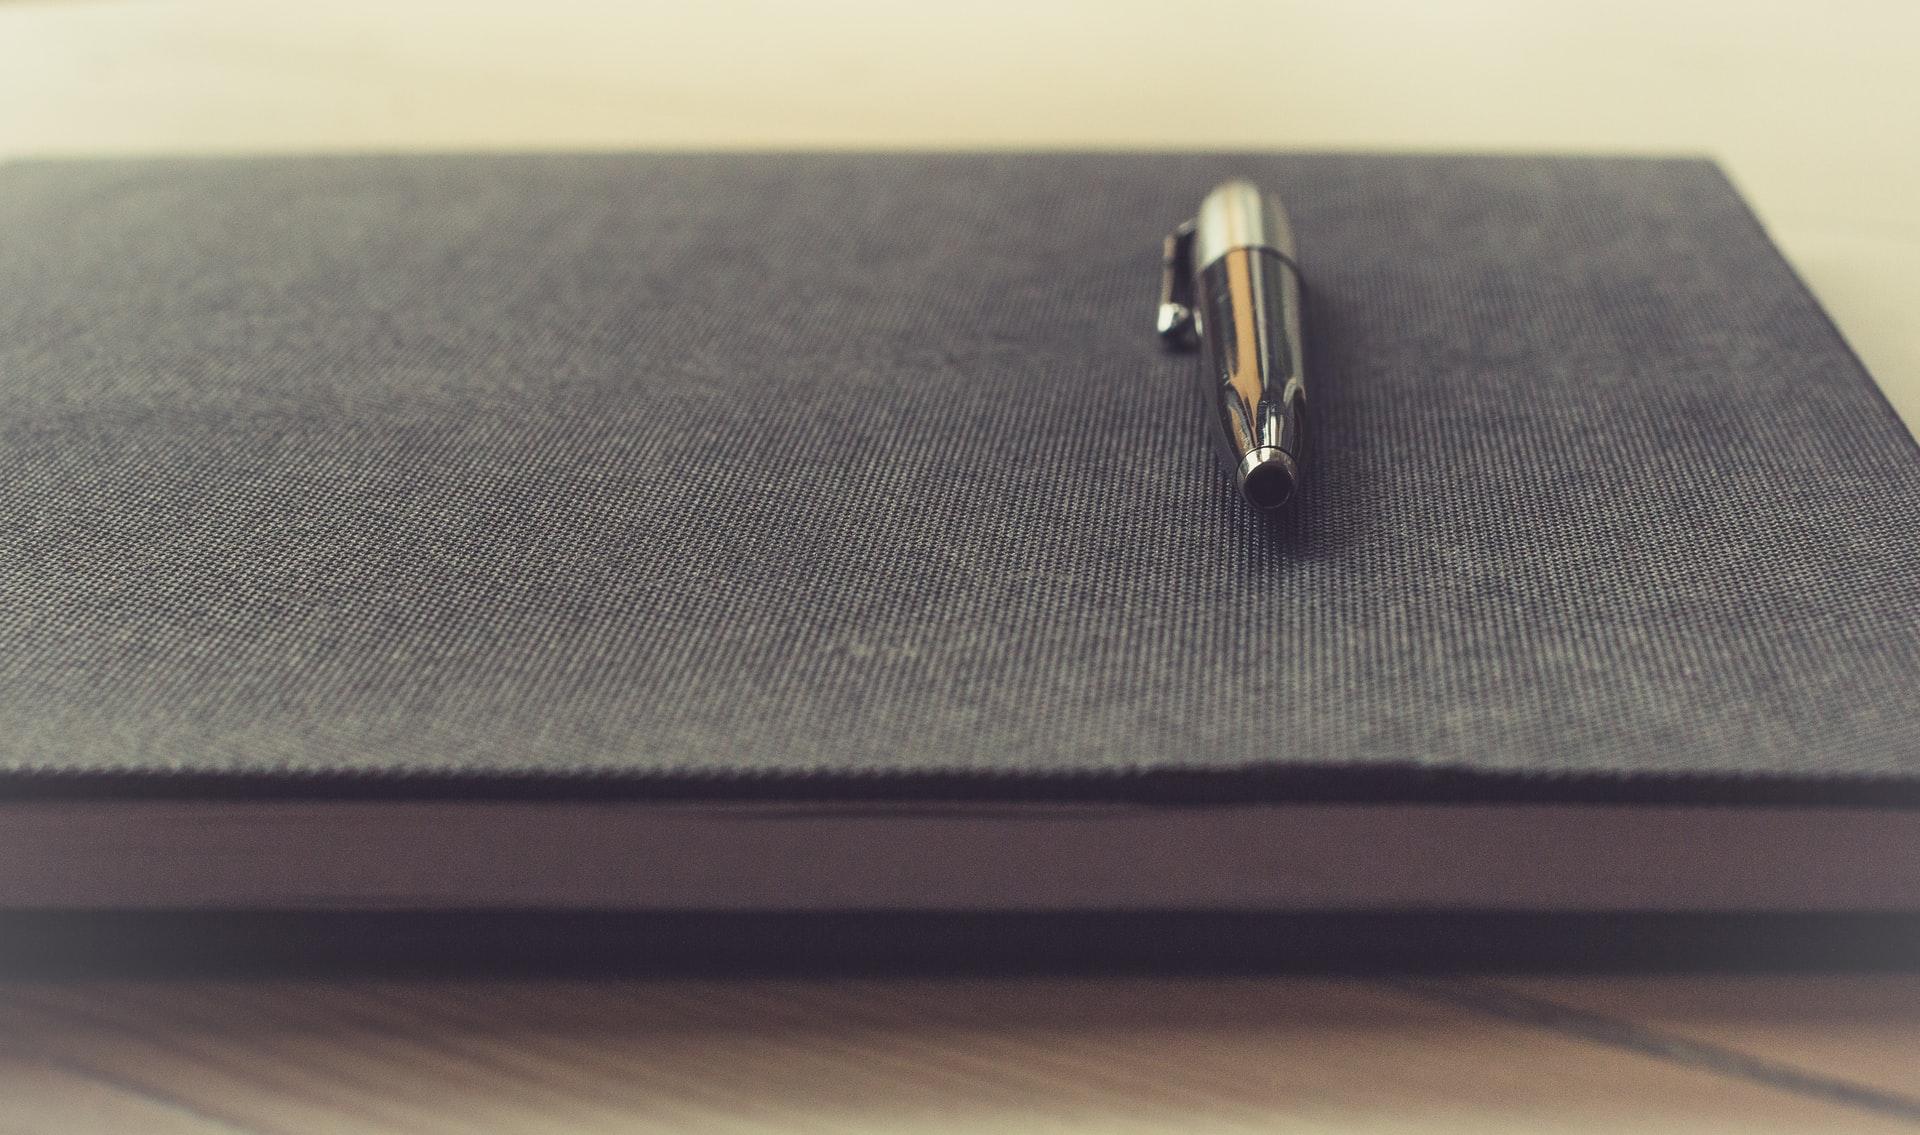 Venta de casa heredada; ¿qué documentos necesito?